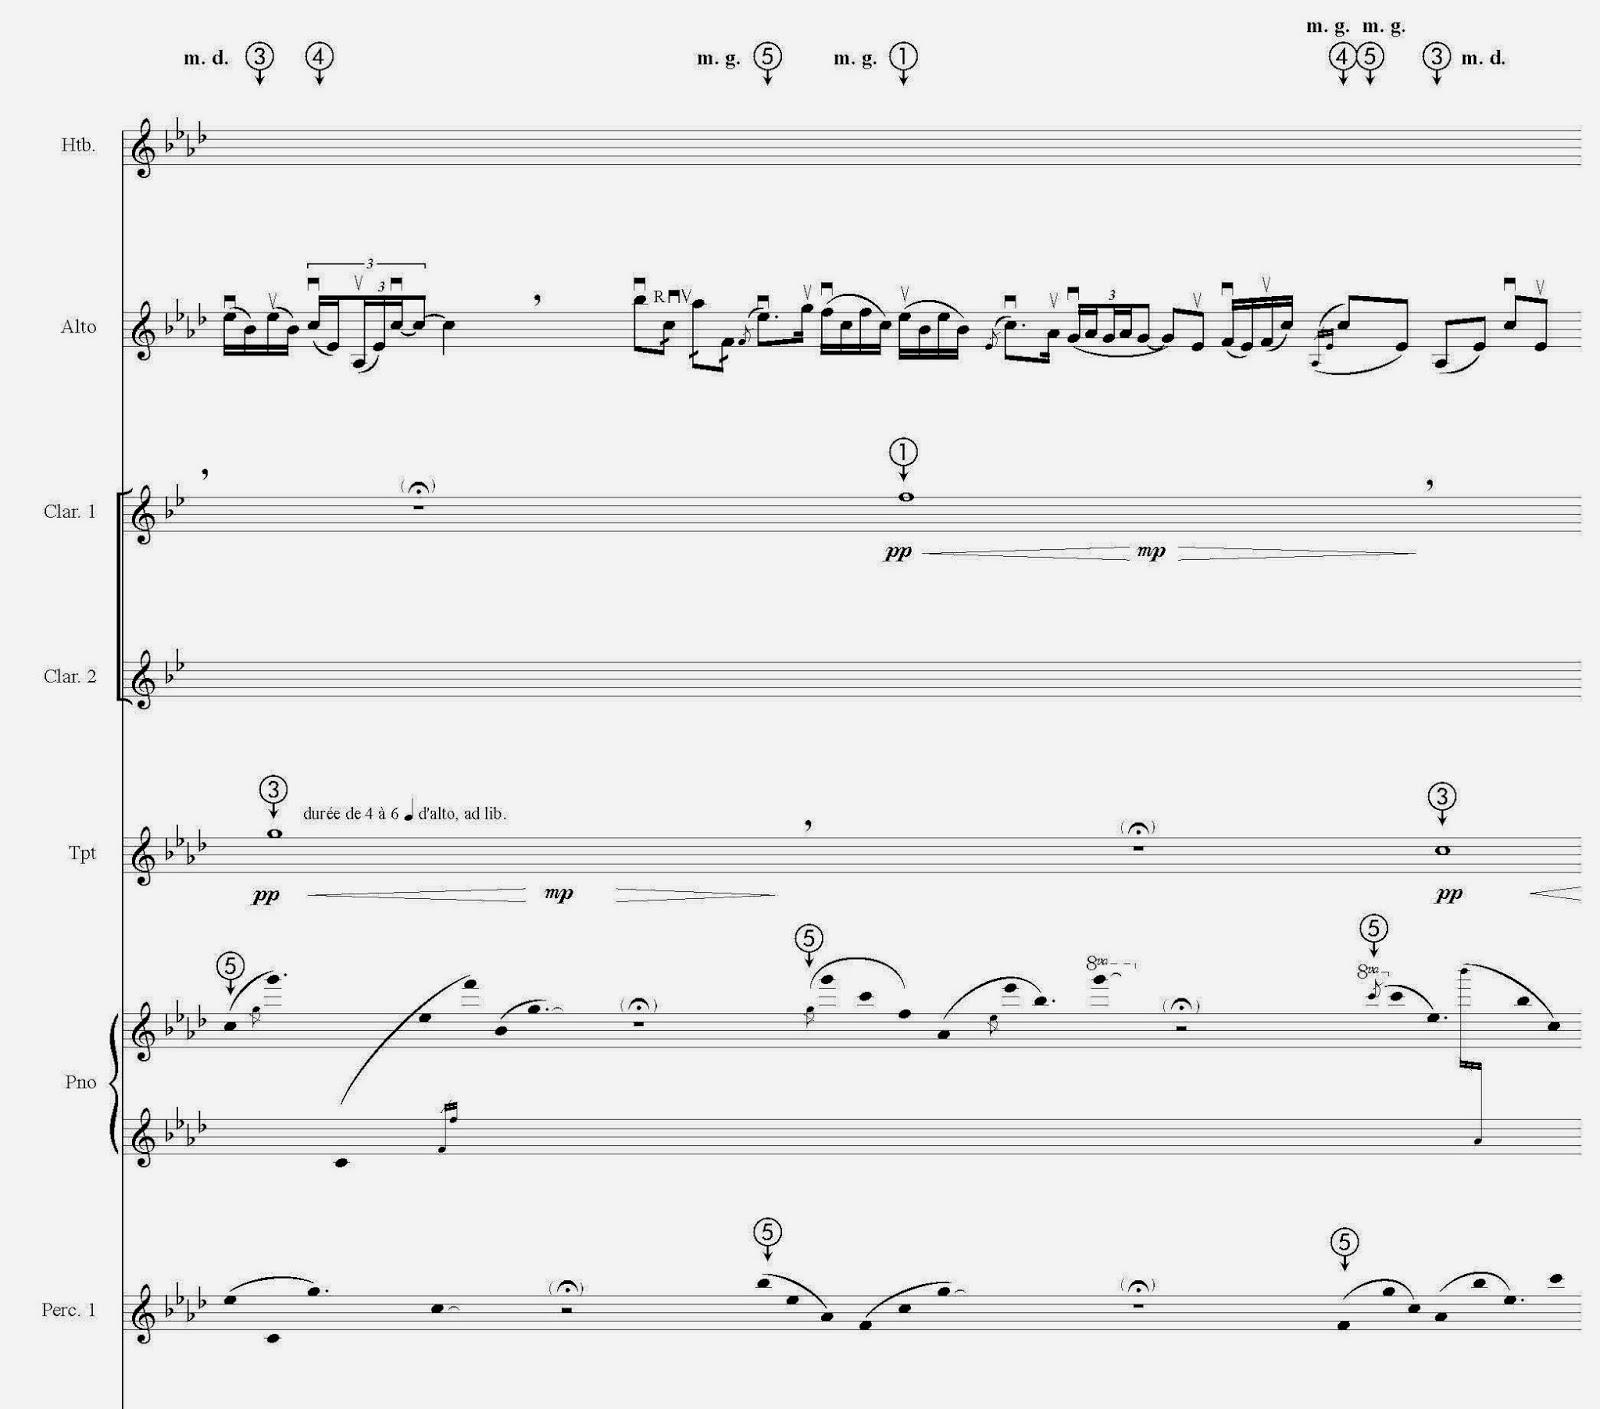 Antoine ouellette musique complexit et simplicit la cl du temps - La cle des temps coutances ...